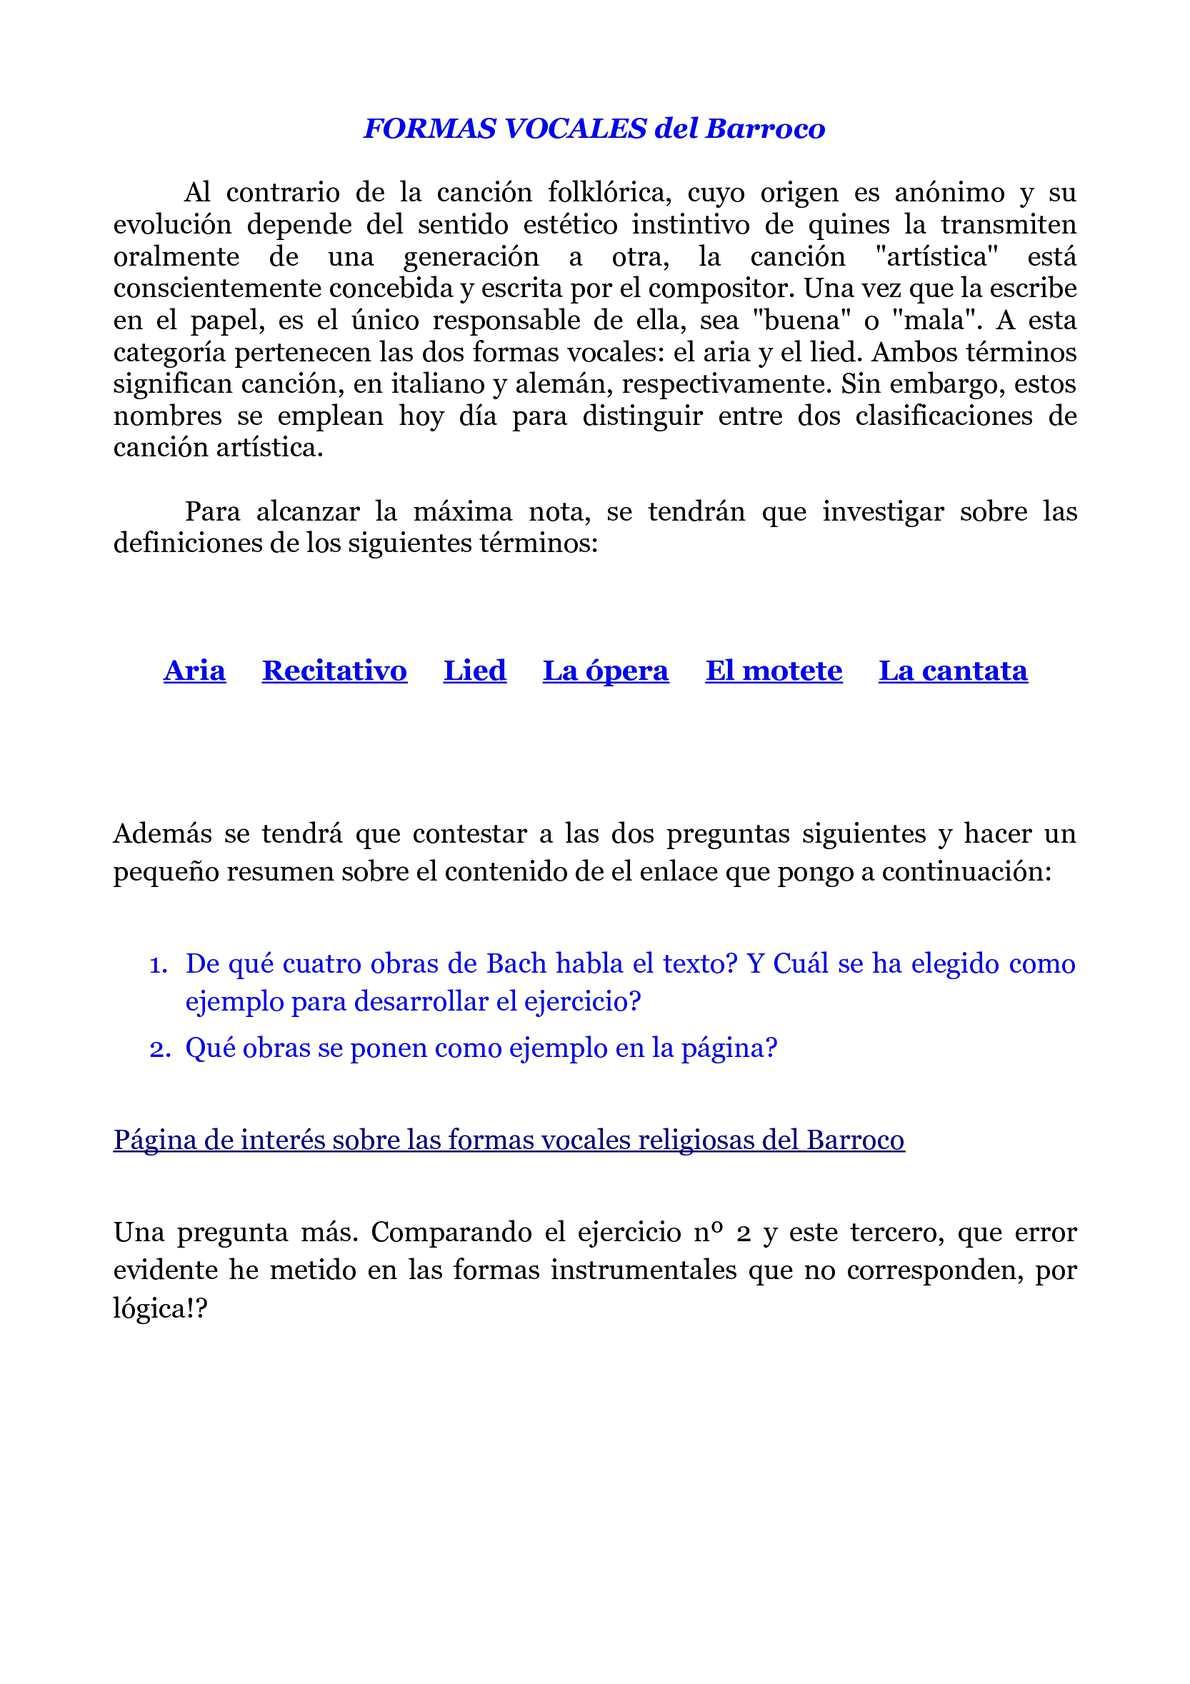 Calaméo - FORMAS VOCALES DEL BARROCO